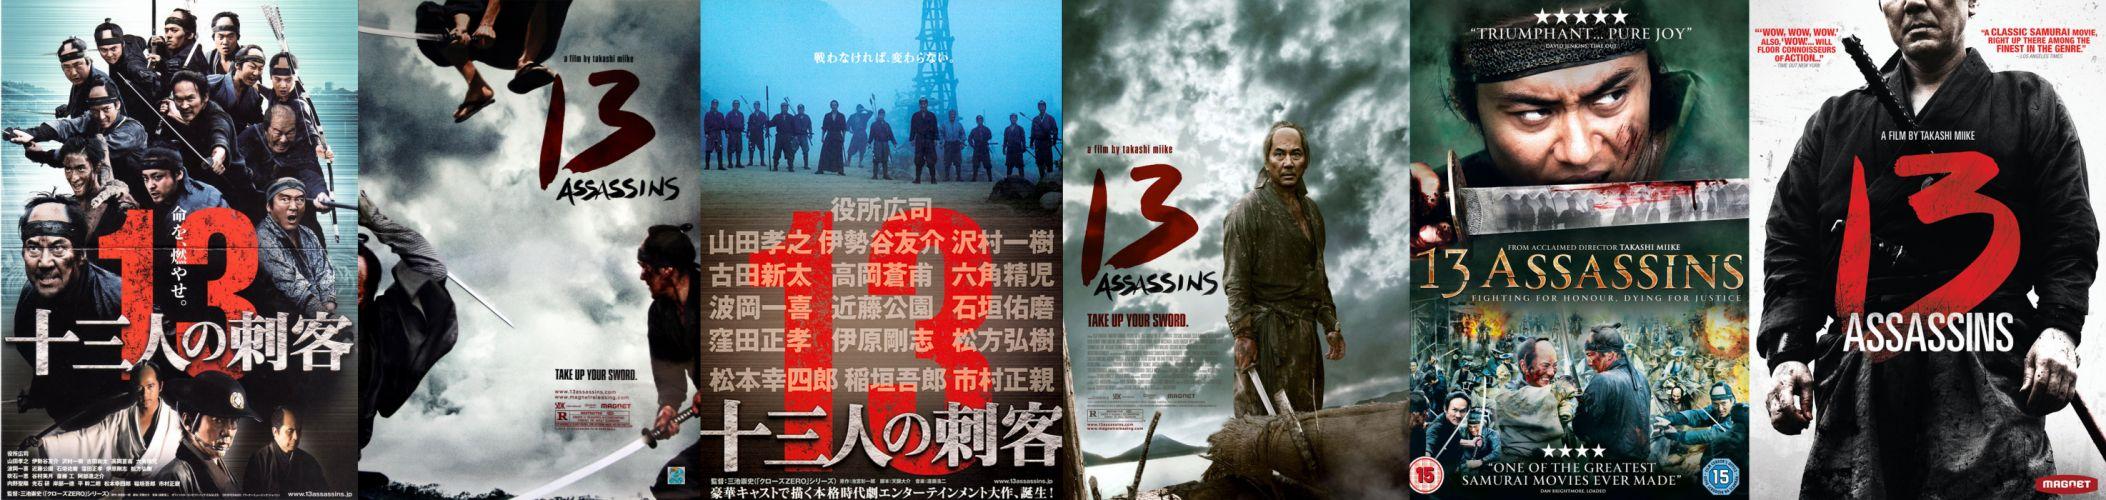 13 ASSASSINS martial arts poster f wallpaper